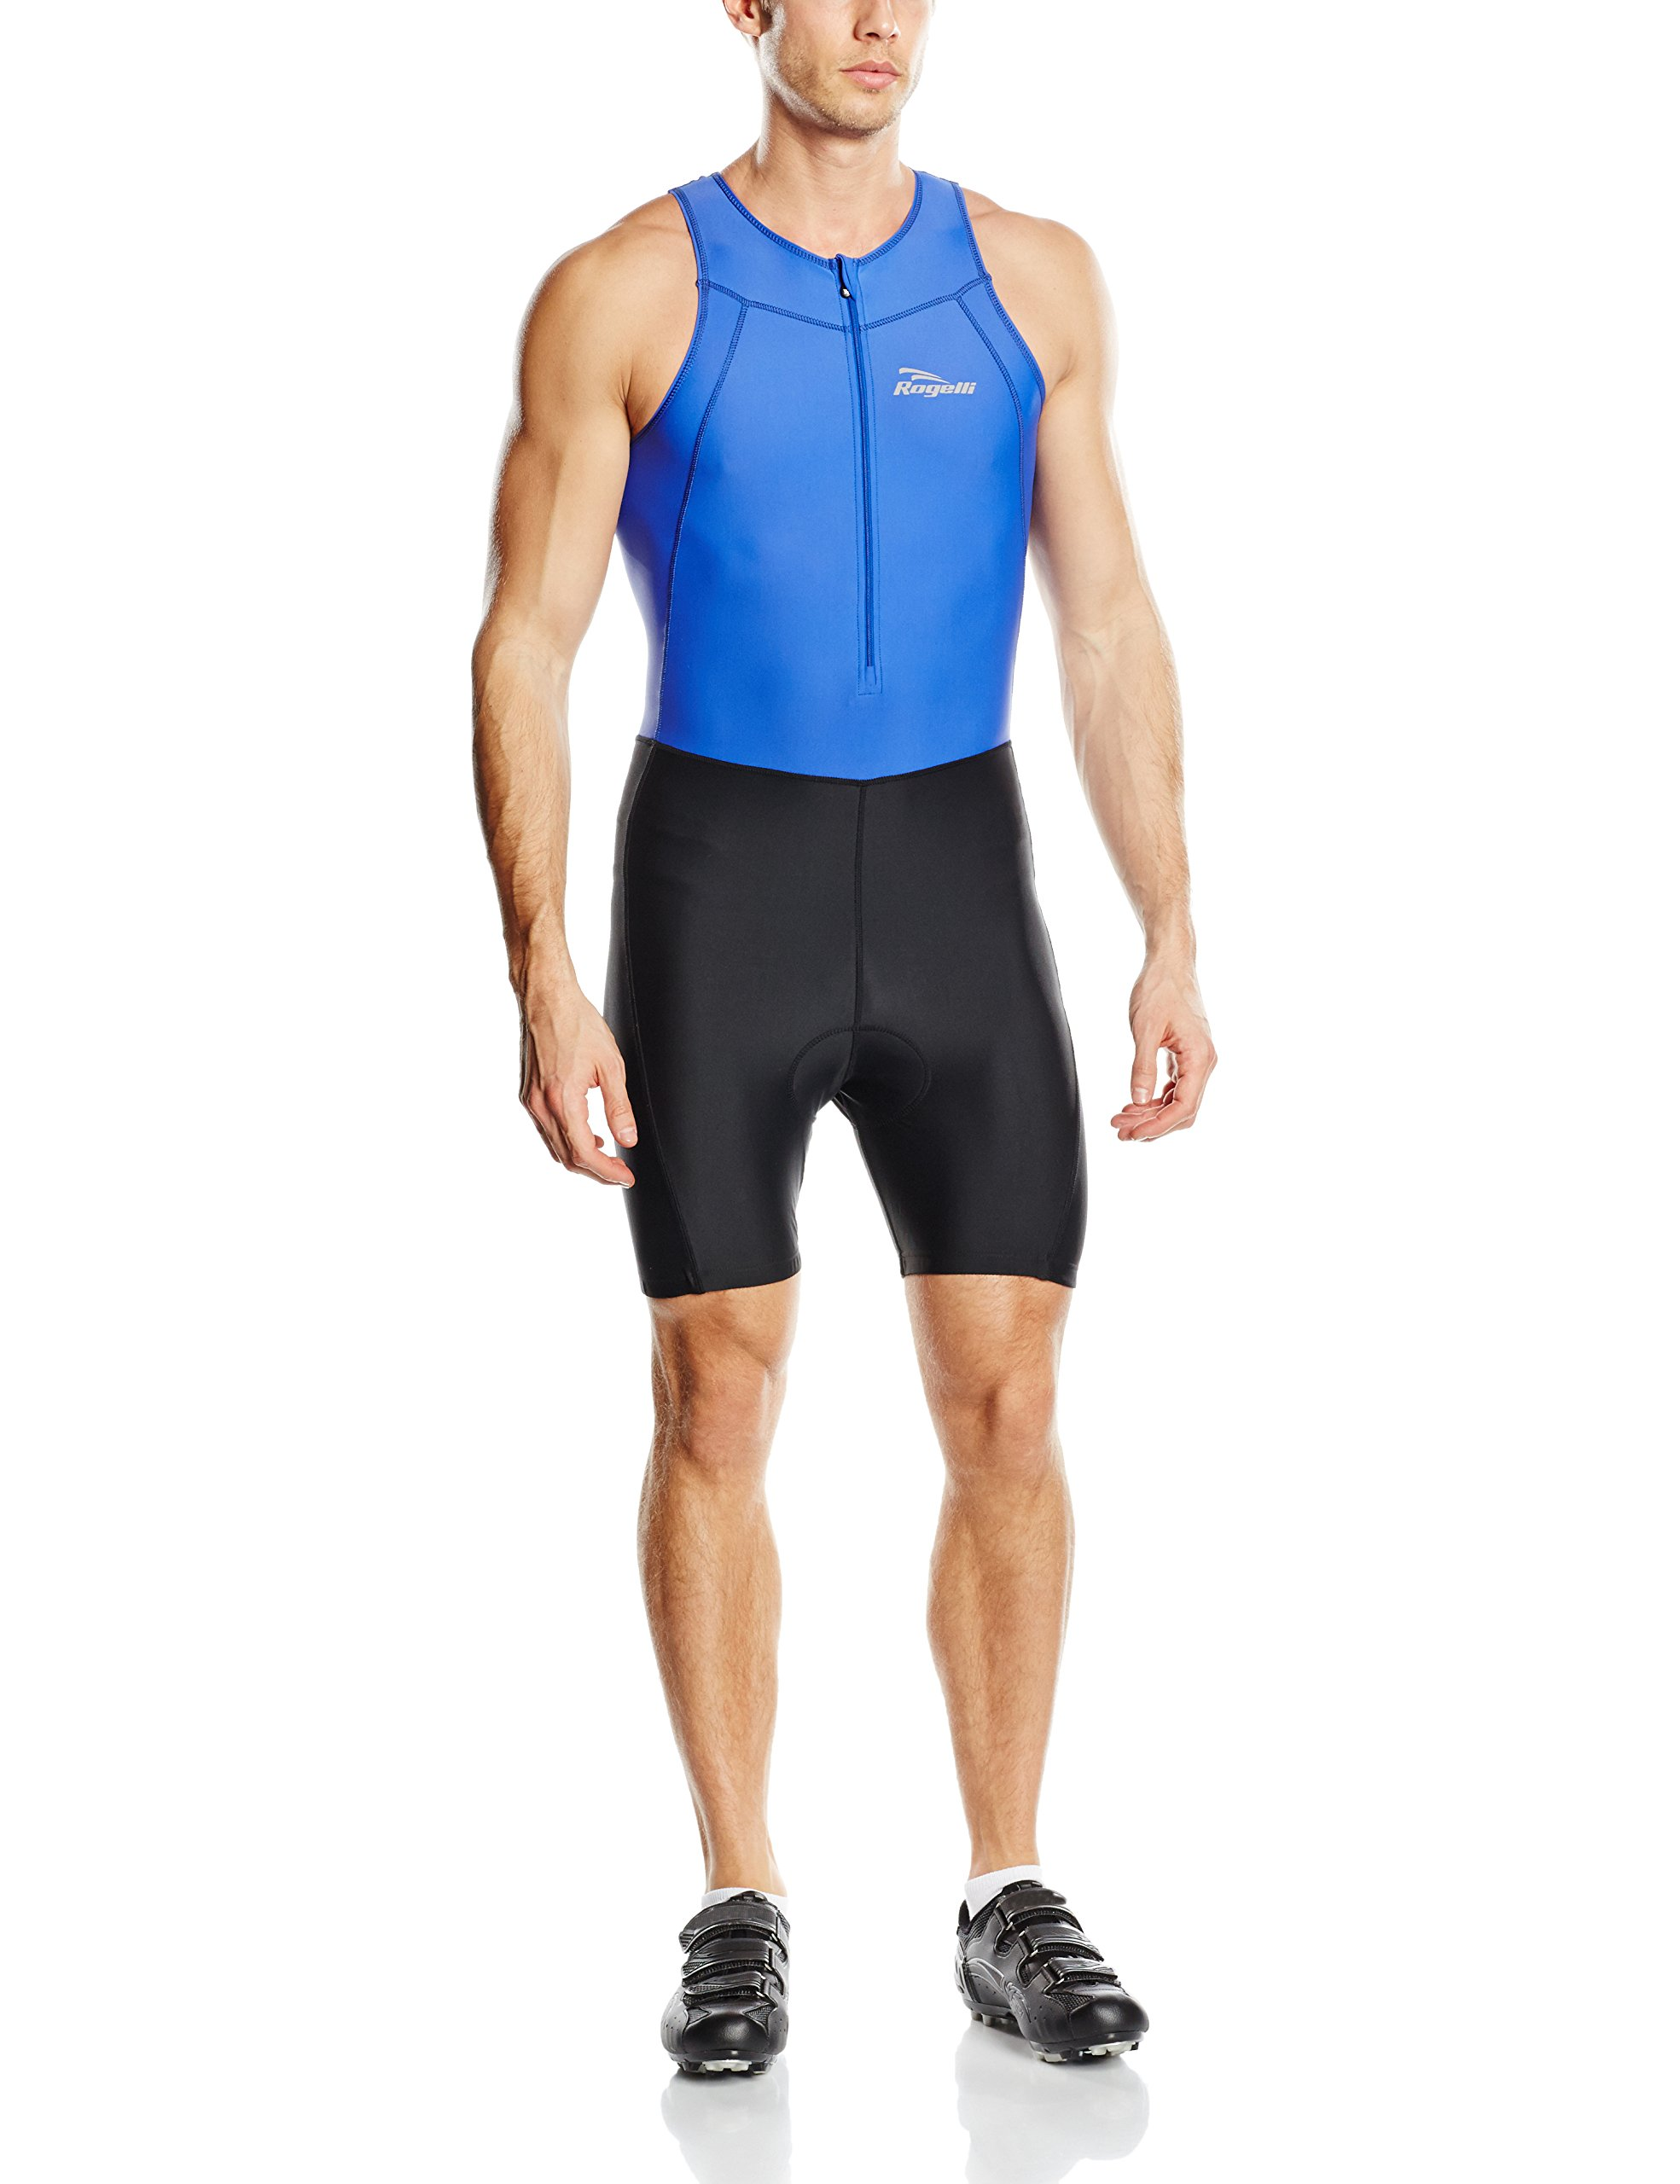 Rogelli Nero Colore Tuta Intera Corta da Uomo per Triathlon